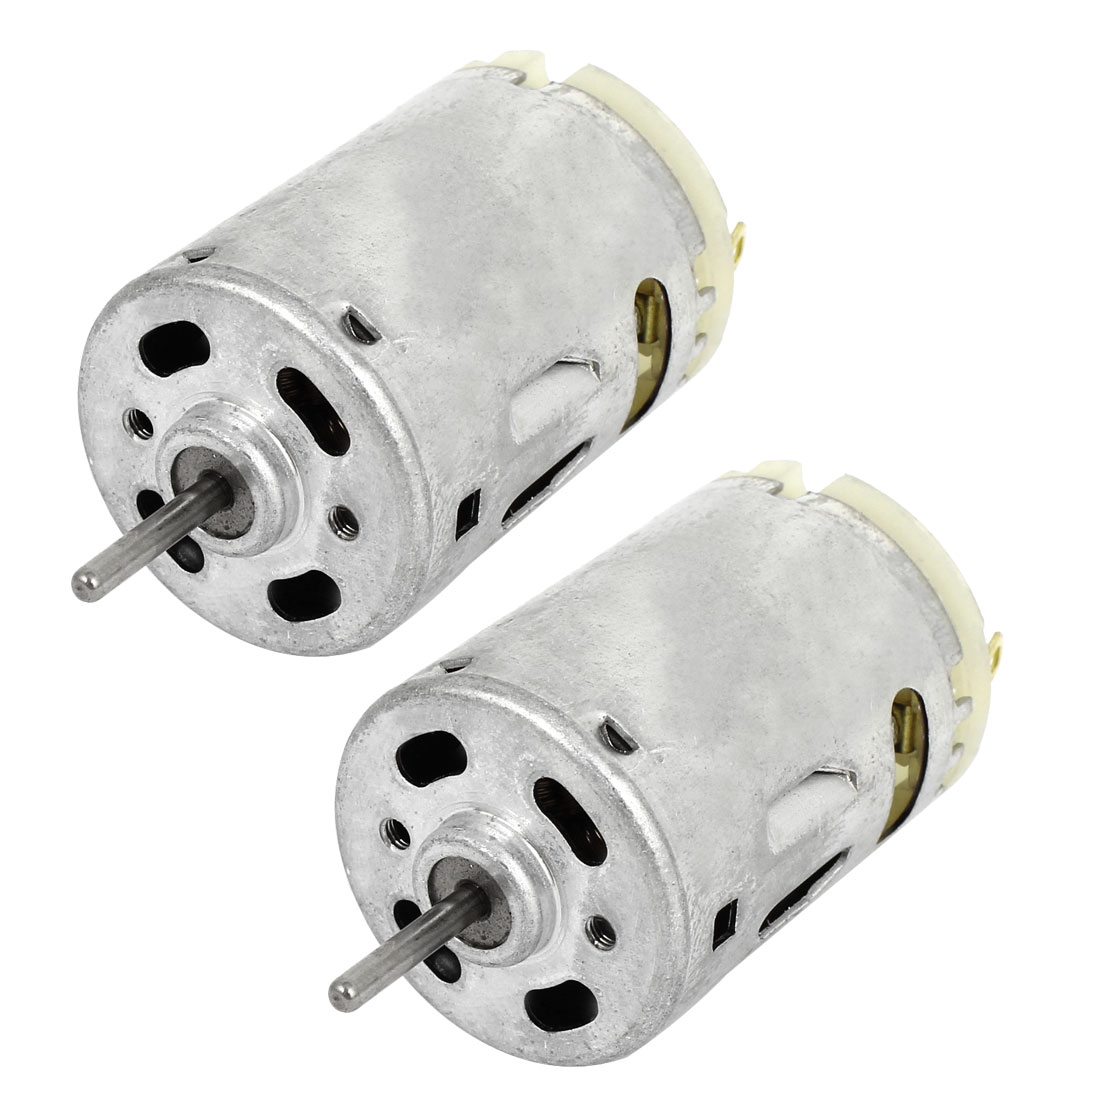 2Pcs 2mm Shaft 28mm Body Dia. Magnetic Motor DC12V 25000RPM for Massager